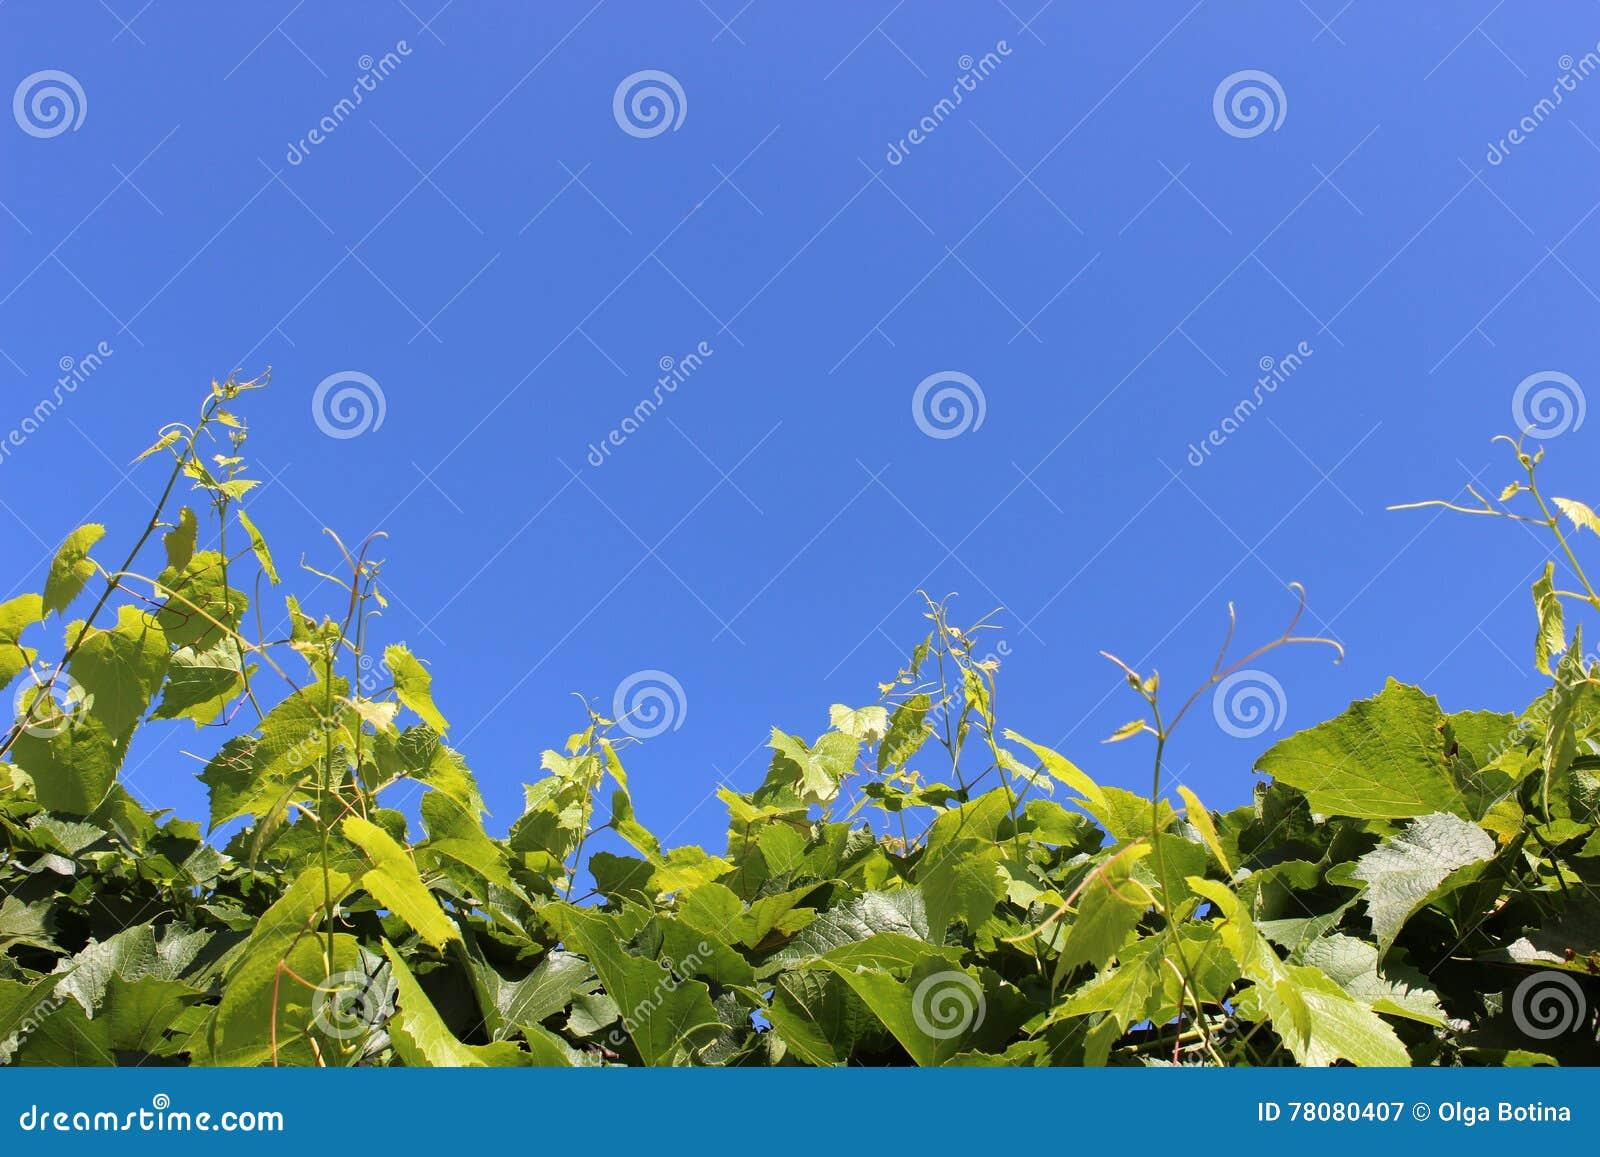 Gronowego winogradu rozciągliwość niebo